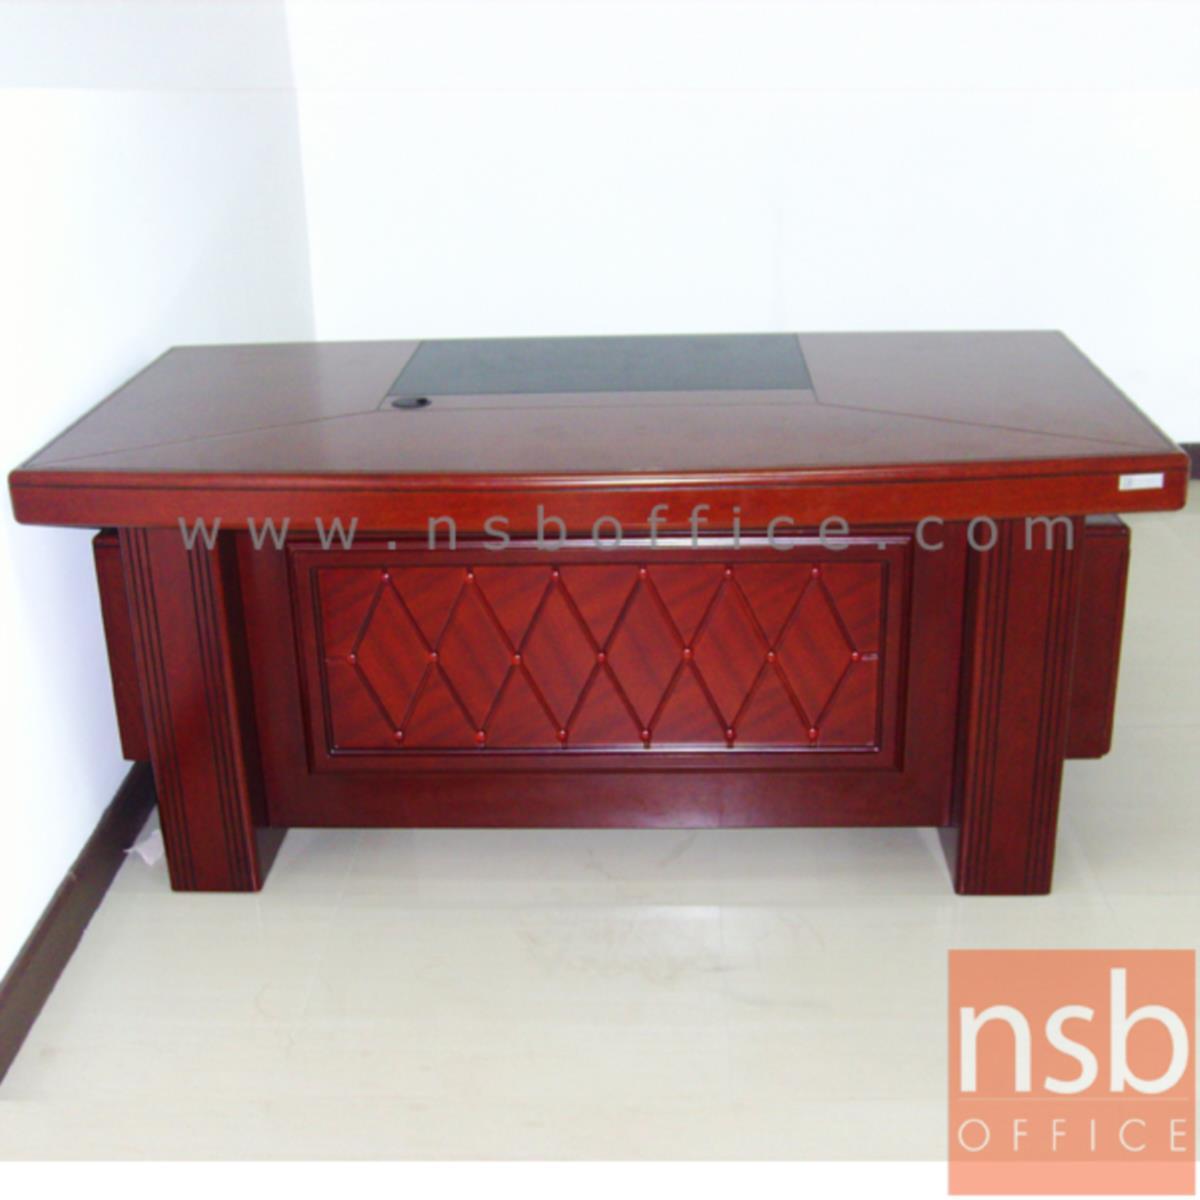 โต๊ะผู้บริหารตัวแอล รุ่น Leslie (เลสลี) ขนาด 160W cm. พร้อมตู้ลิ้นชักและตู้ข้าง